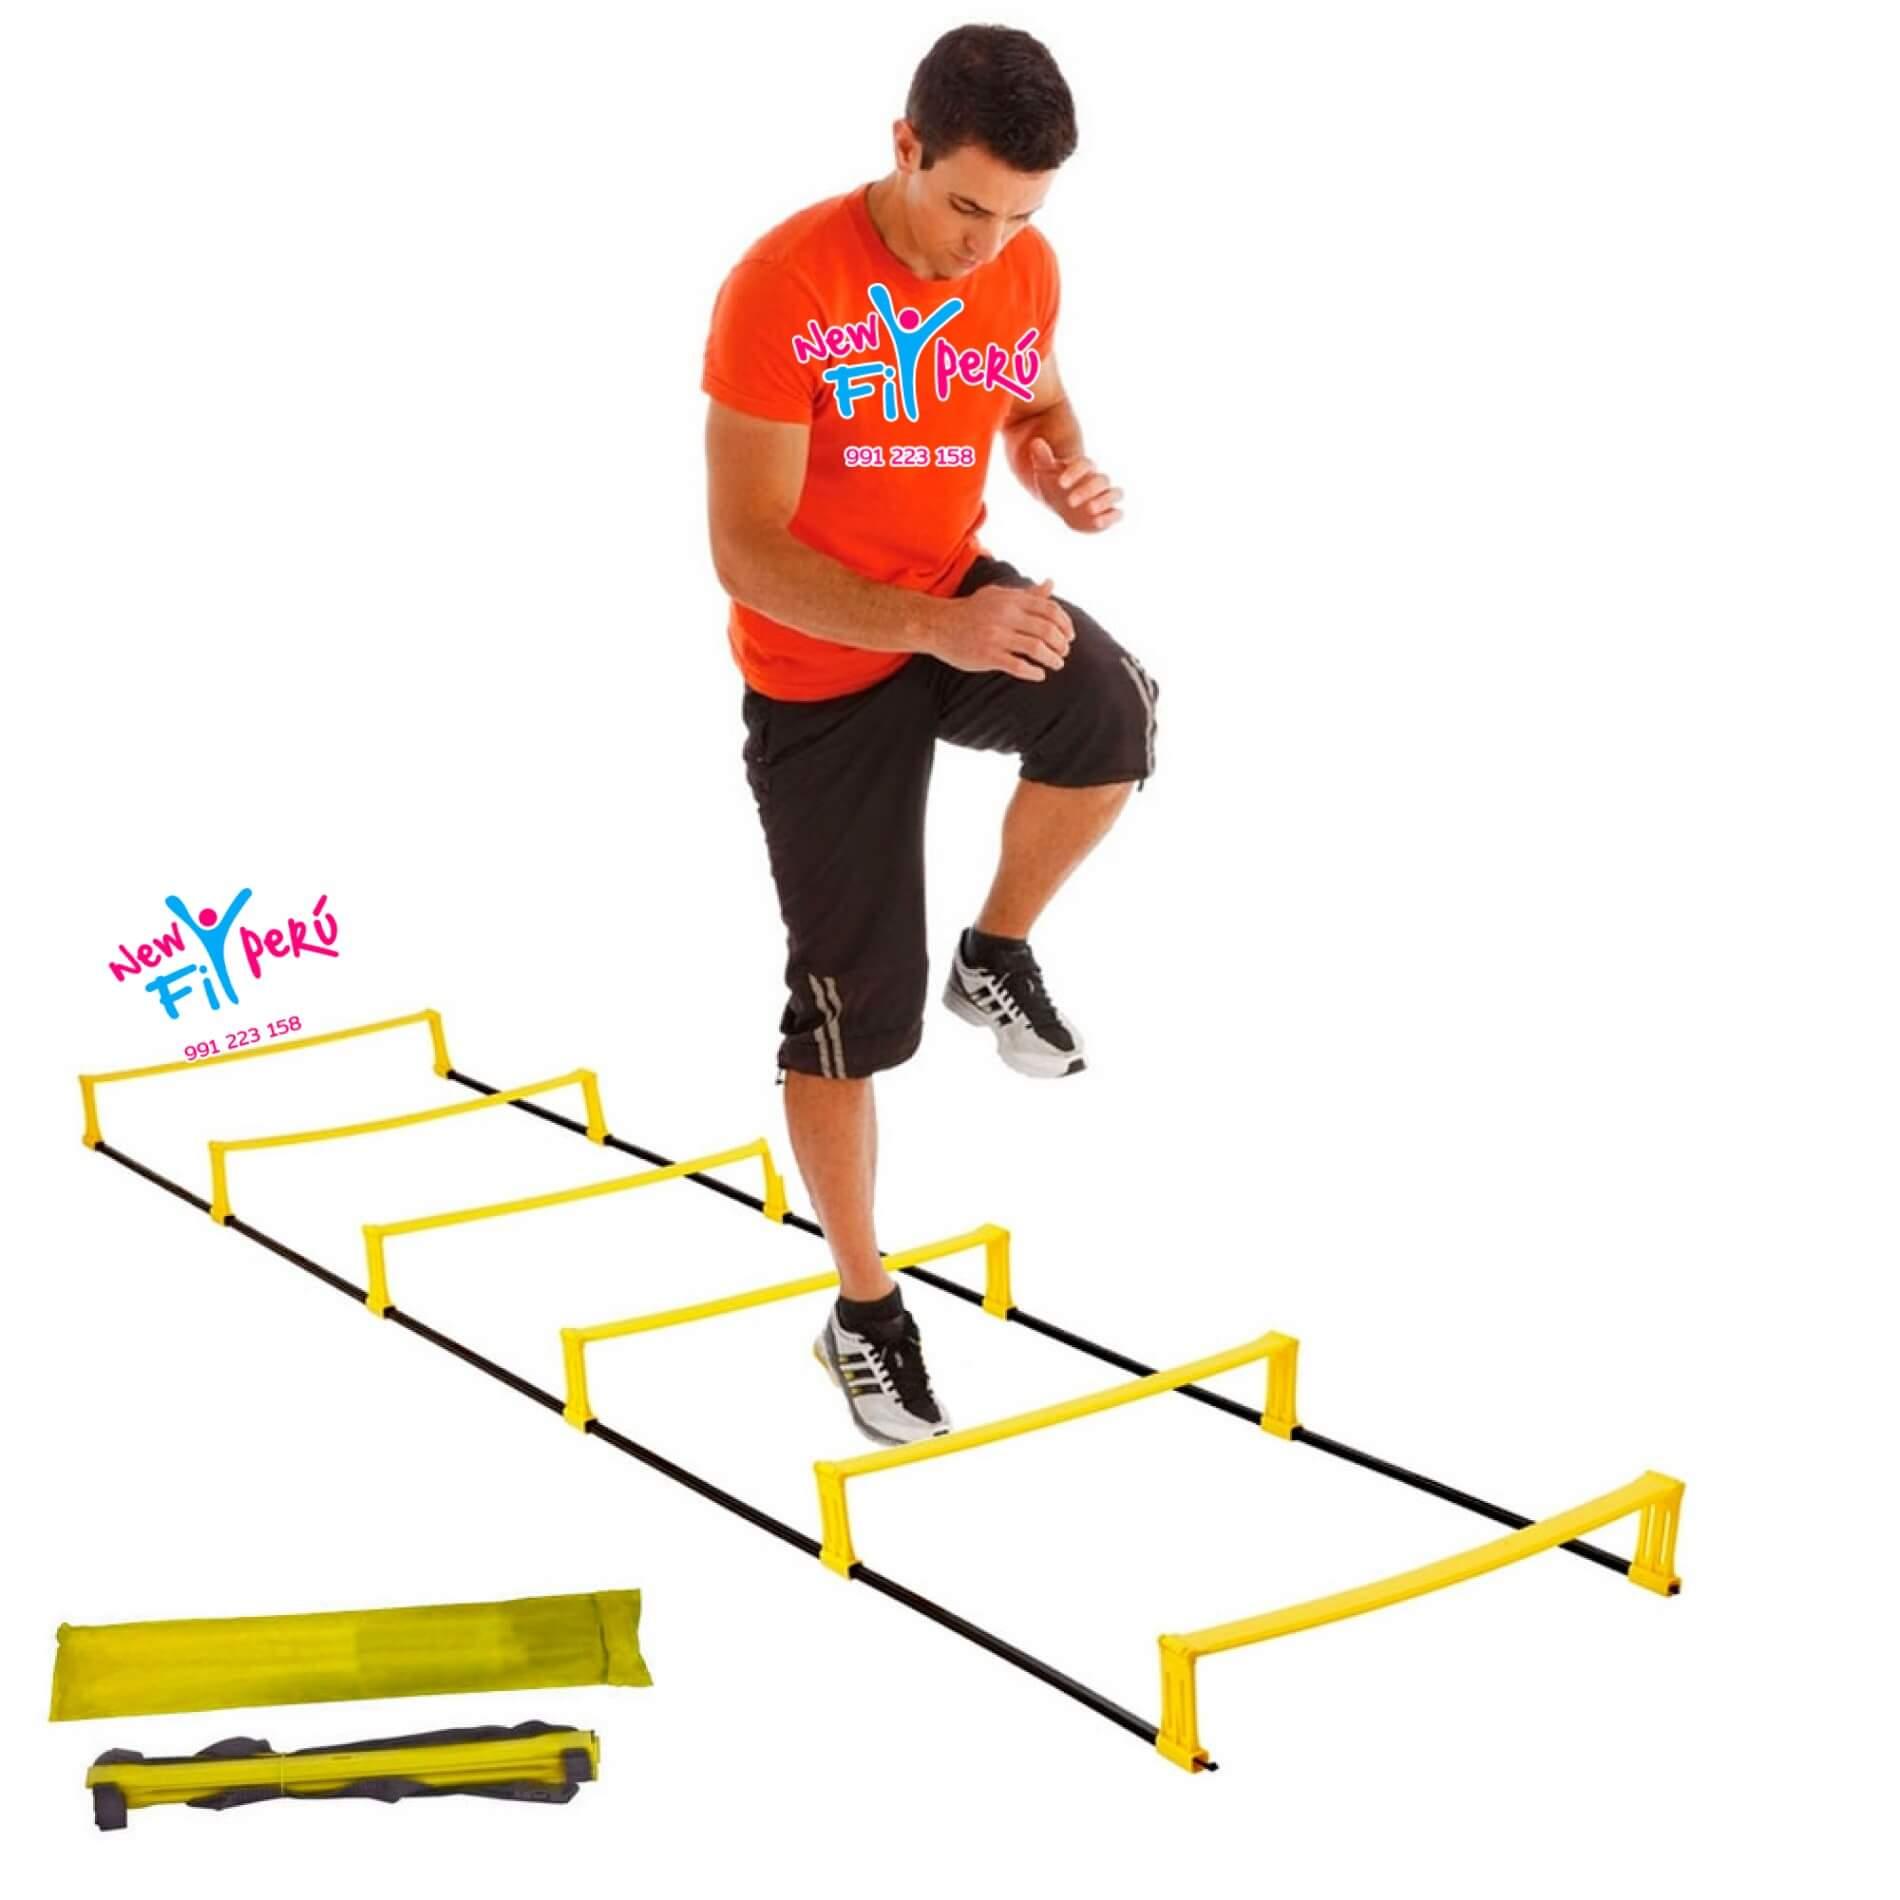 Escalera Agilidad Y Coordinación 2 En 1 / Con Y Sin Elevación